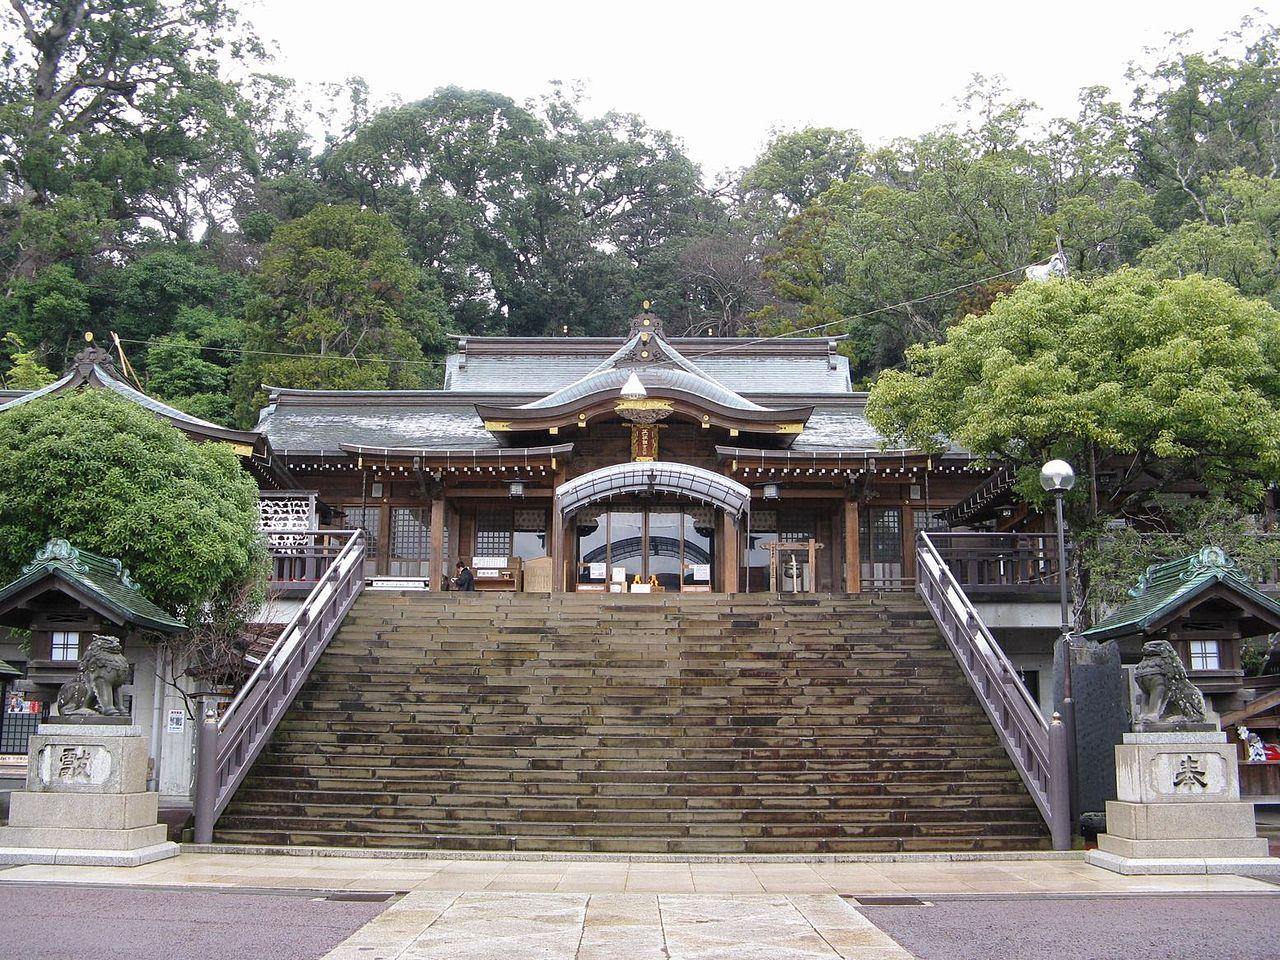 鎮西大社 諏訪神社  - Wikipedia